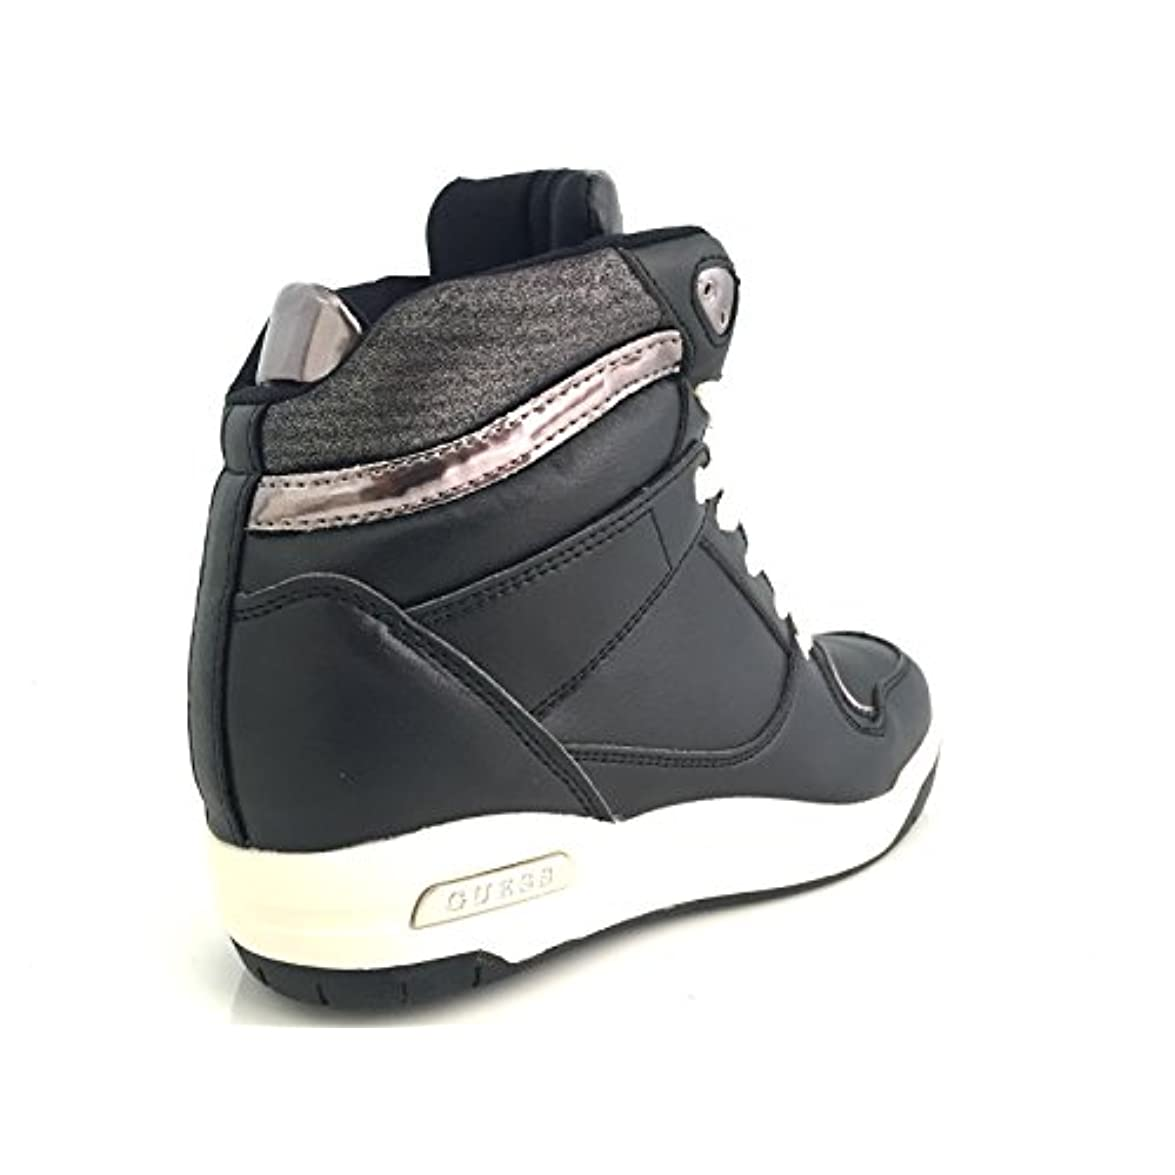 Guess Scarpe Donna Sneaker Alta Zeppa 60 Pelle Nera Mod Jadrin D16gu06